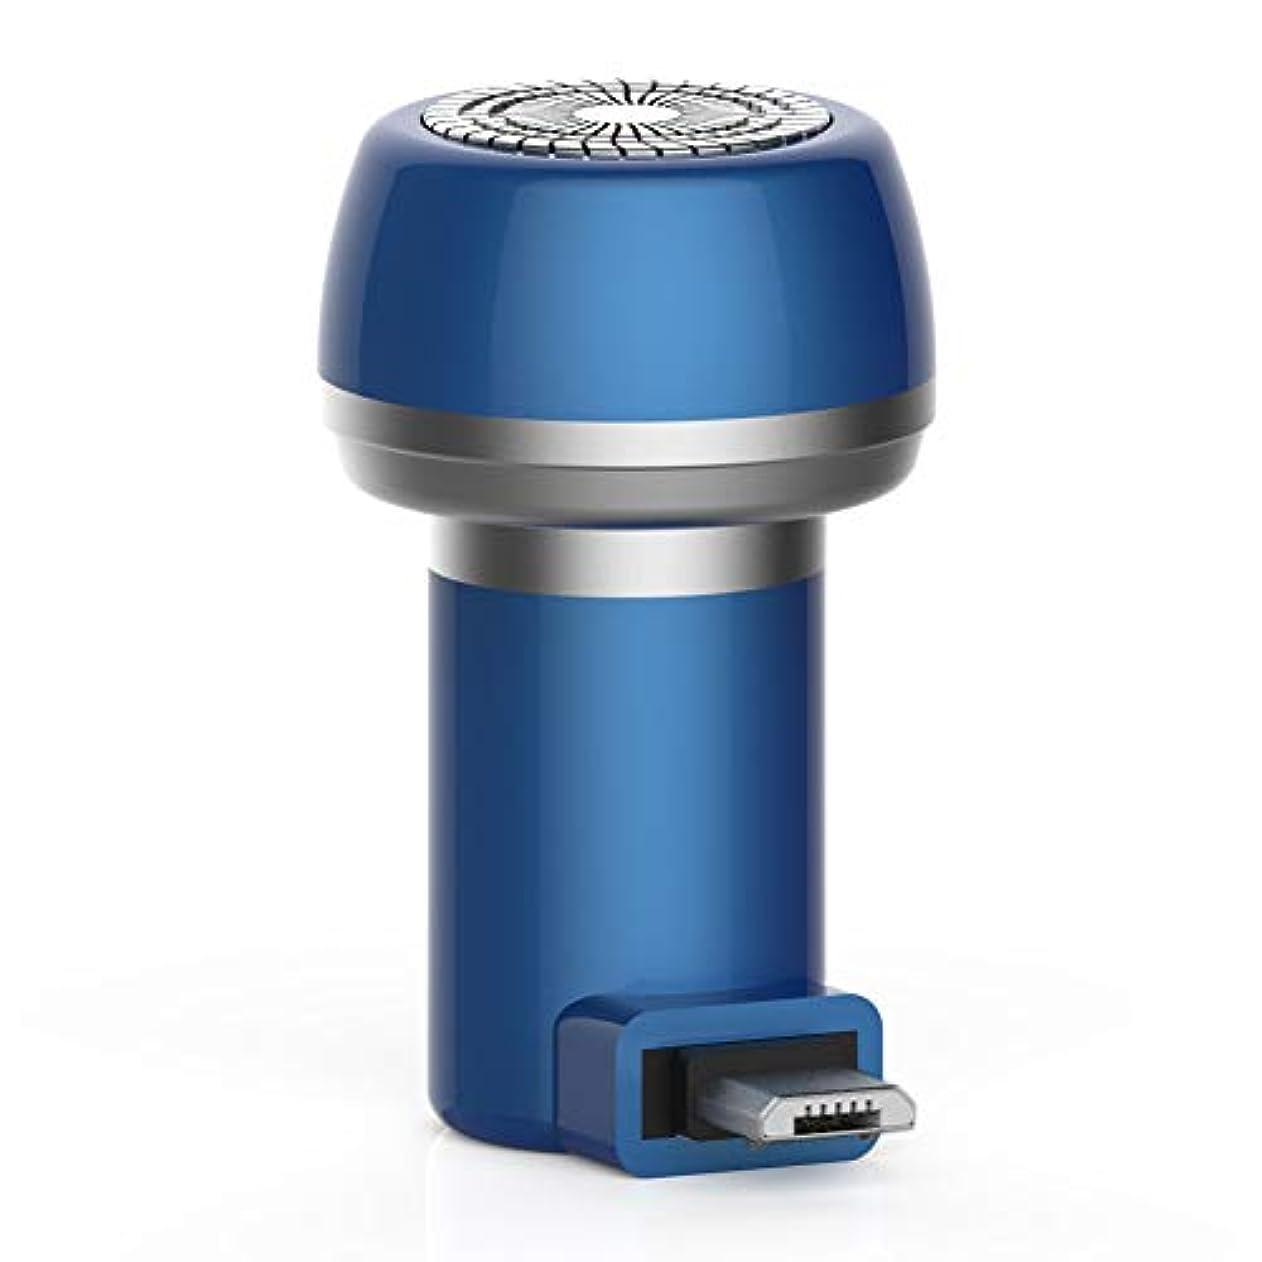 うねるピケアイドルFuntoget  電気充電式シェーバー、2に付き1磁気電気シェーバーミニポータブルType-C USB防水耐久性剃刀